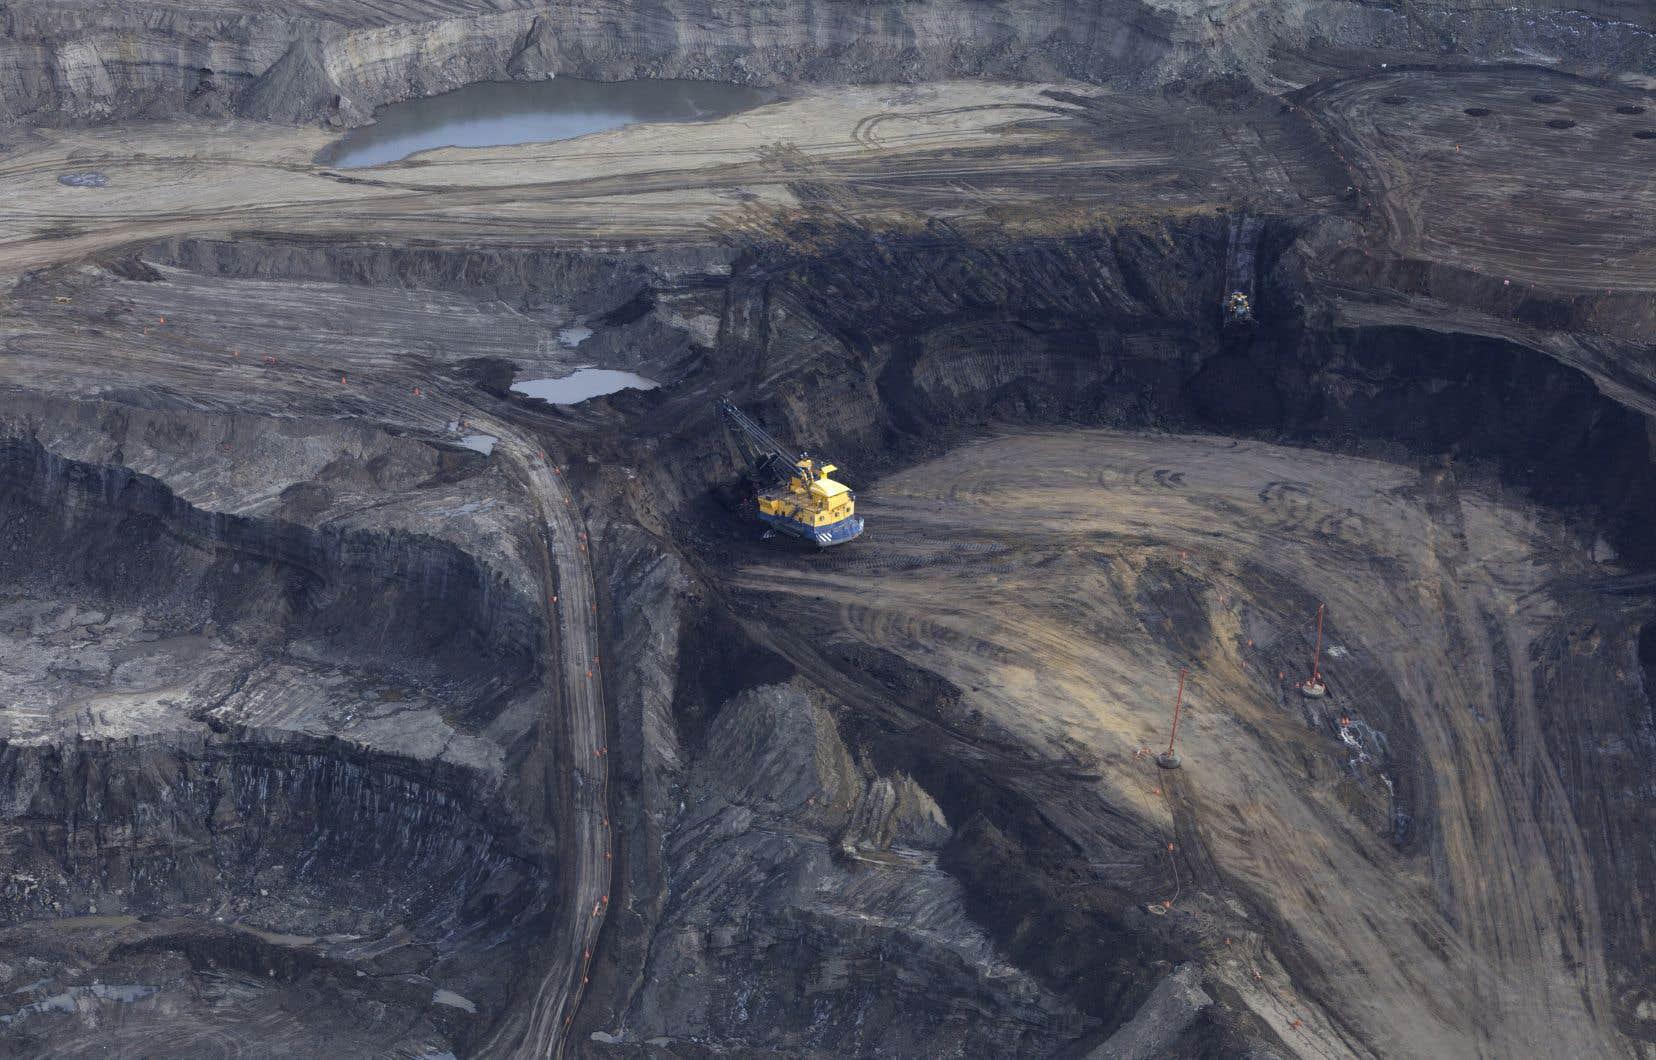 Le Canada possède les troisièmes réserves prouvées du monde, principalement contenues dans des sables bitumineux de l'Ouest, dont l'exploitation est critiquée pour ses conséquences sur l'environnement.